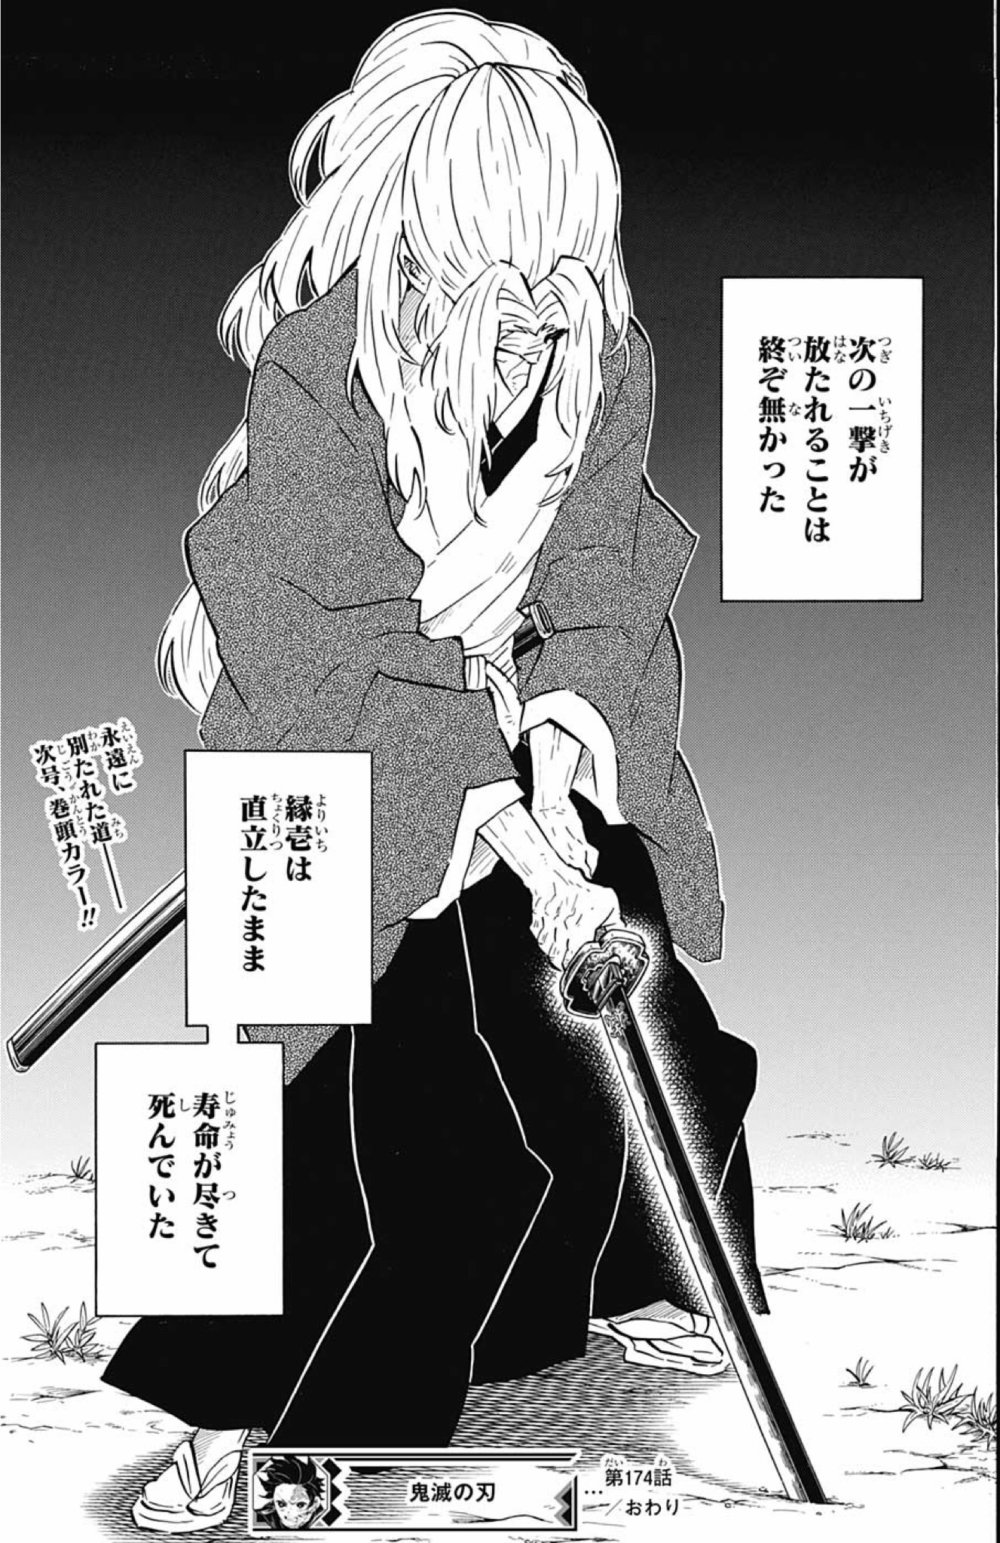 鬼滅の刃 第174話「赤い月夜に見た悪夢」感想・考察